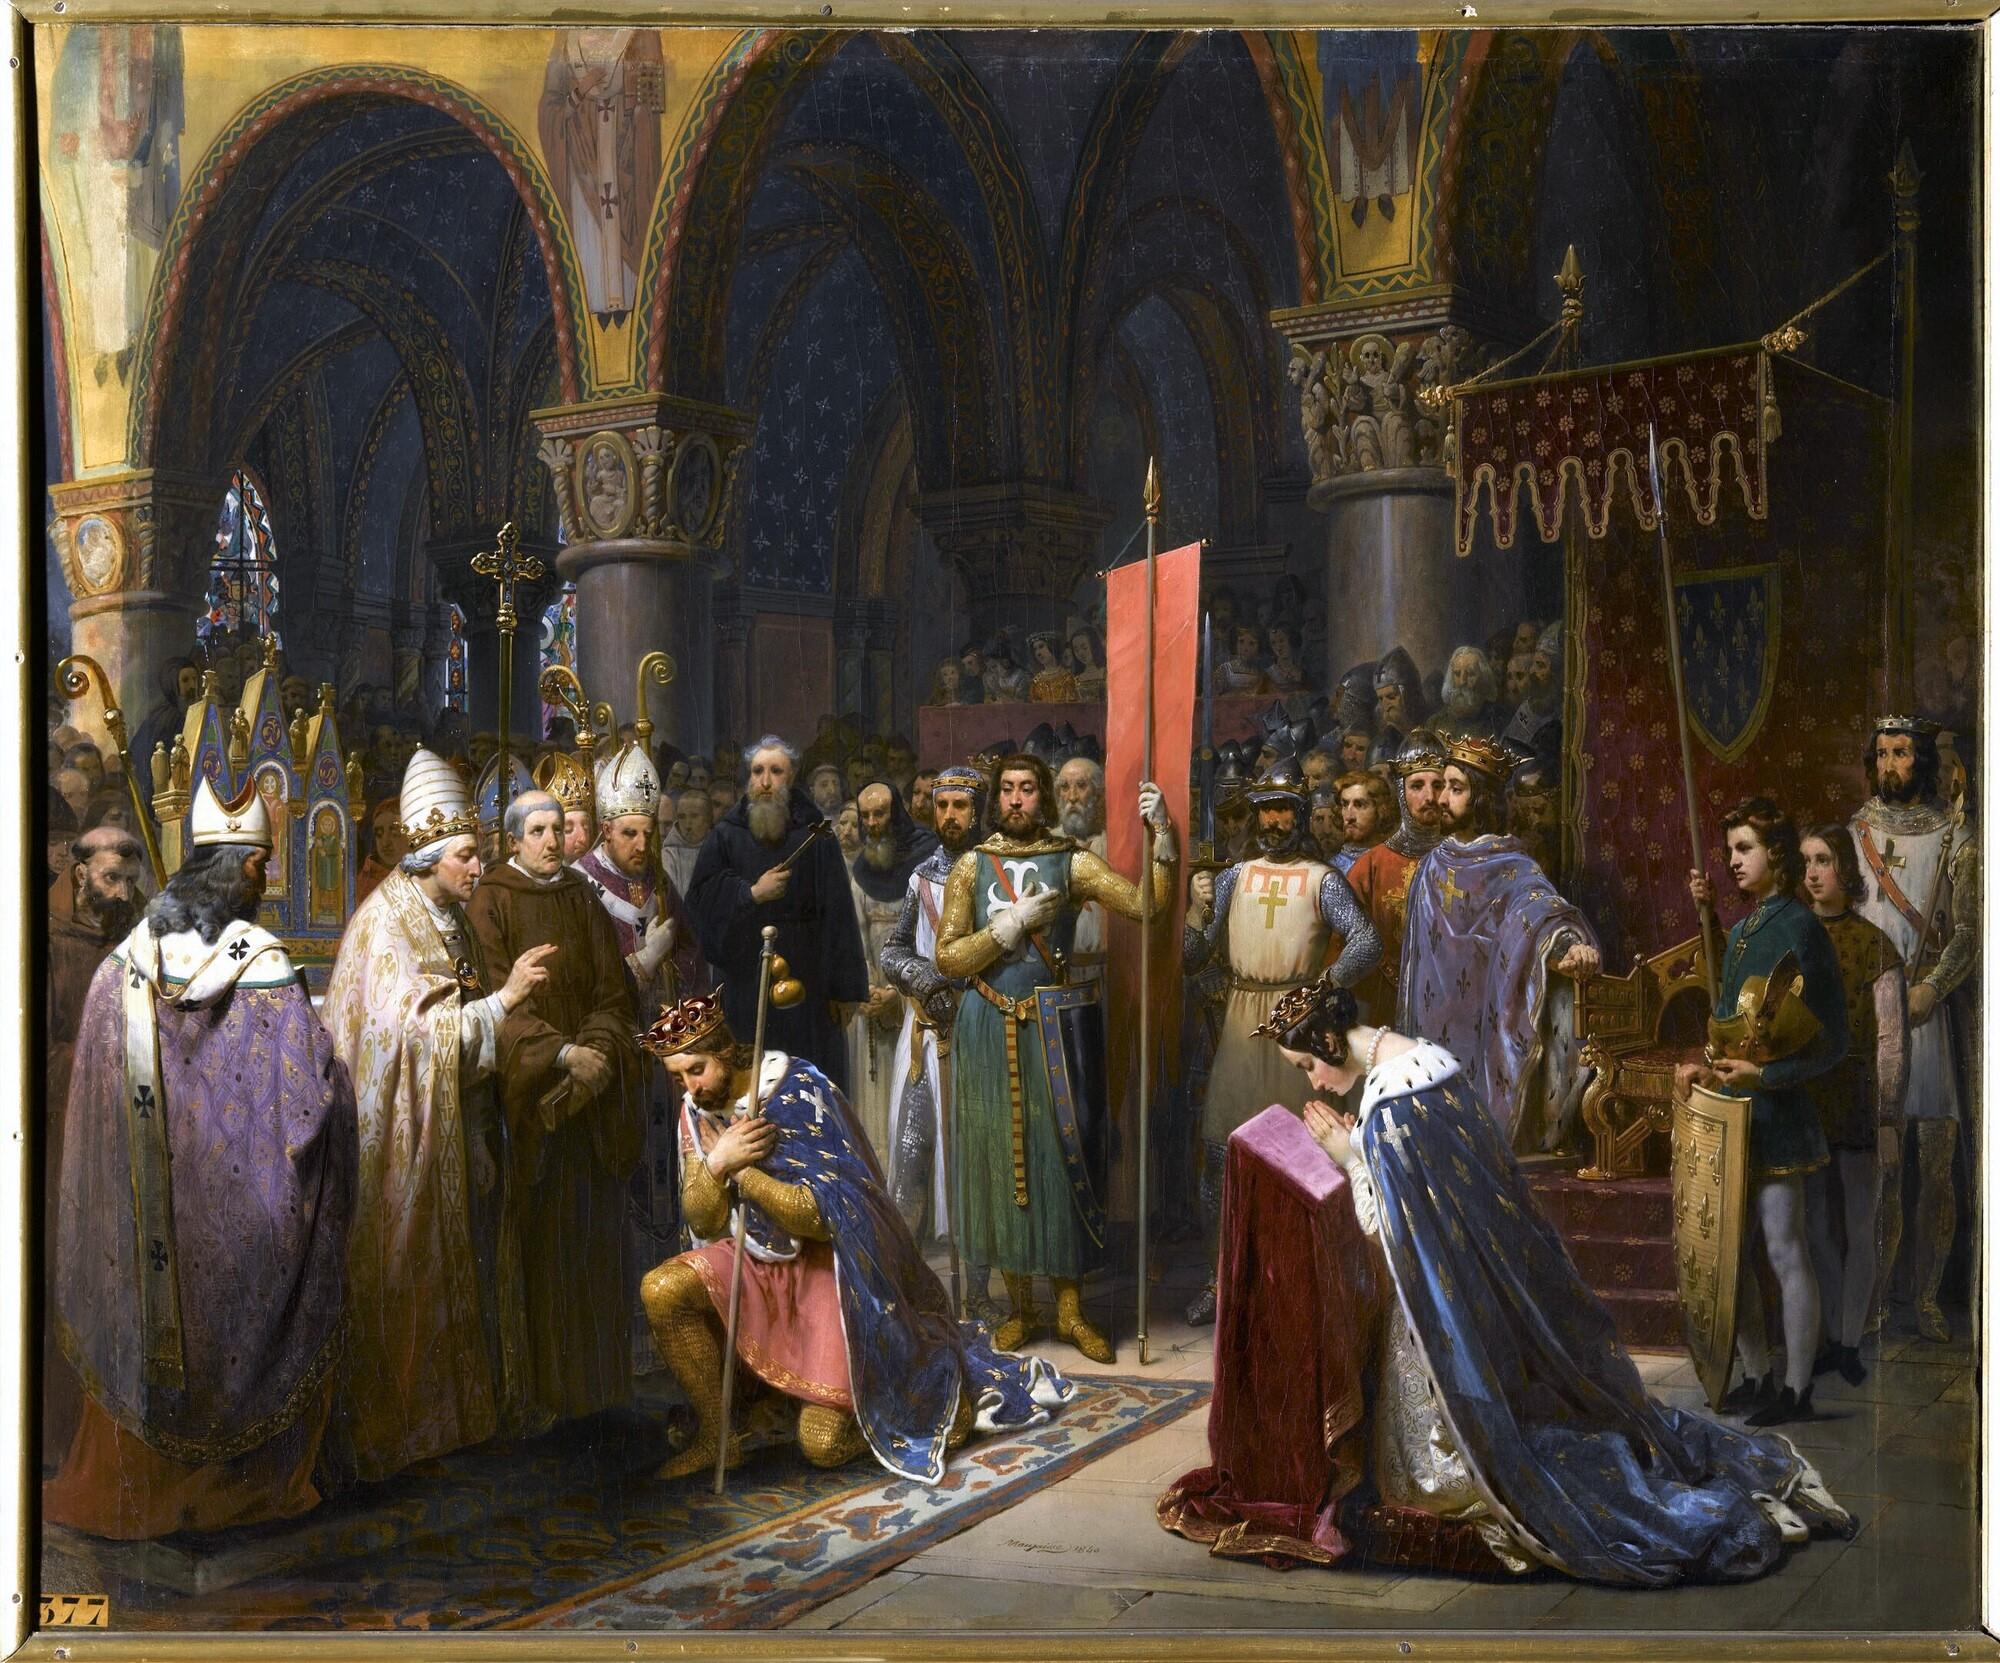 Louis VII prend l'oriflamme à Saint-Denis, 1147. Peintre : Jean-Baptiste Mauzaisse.